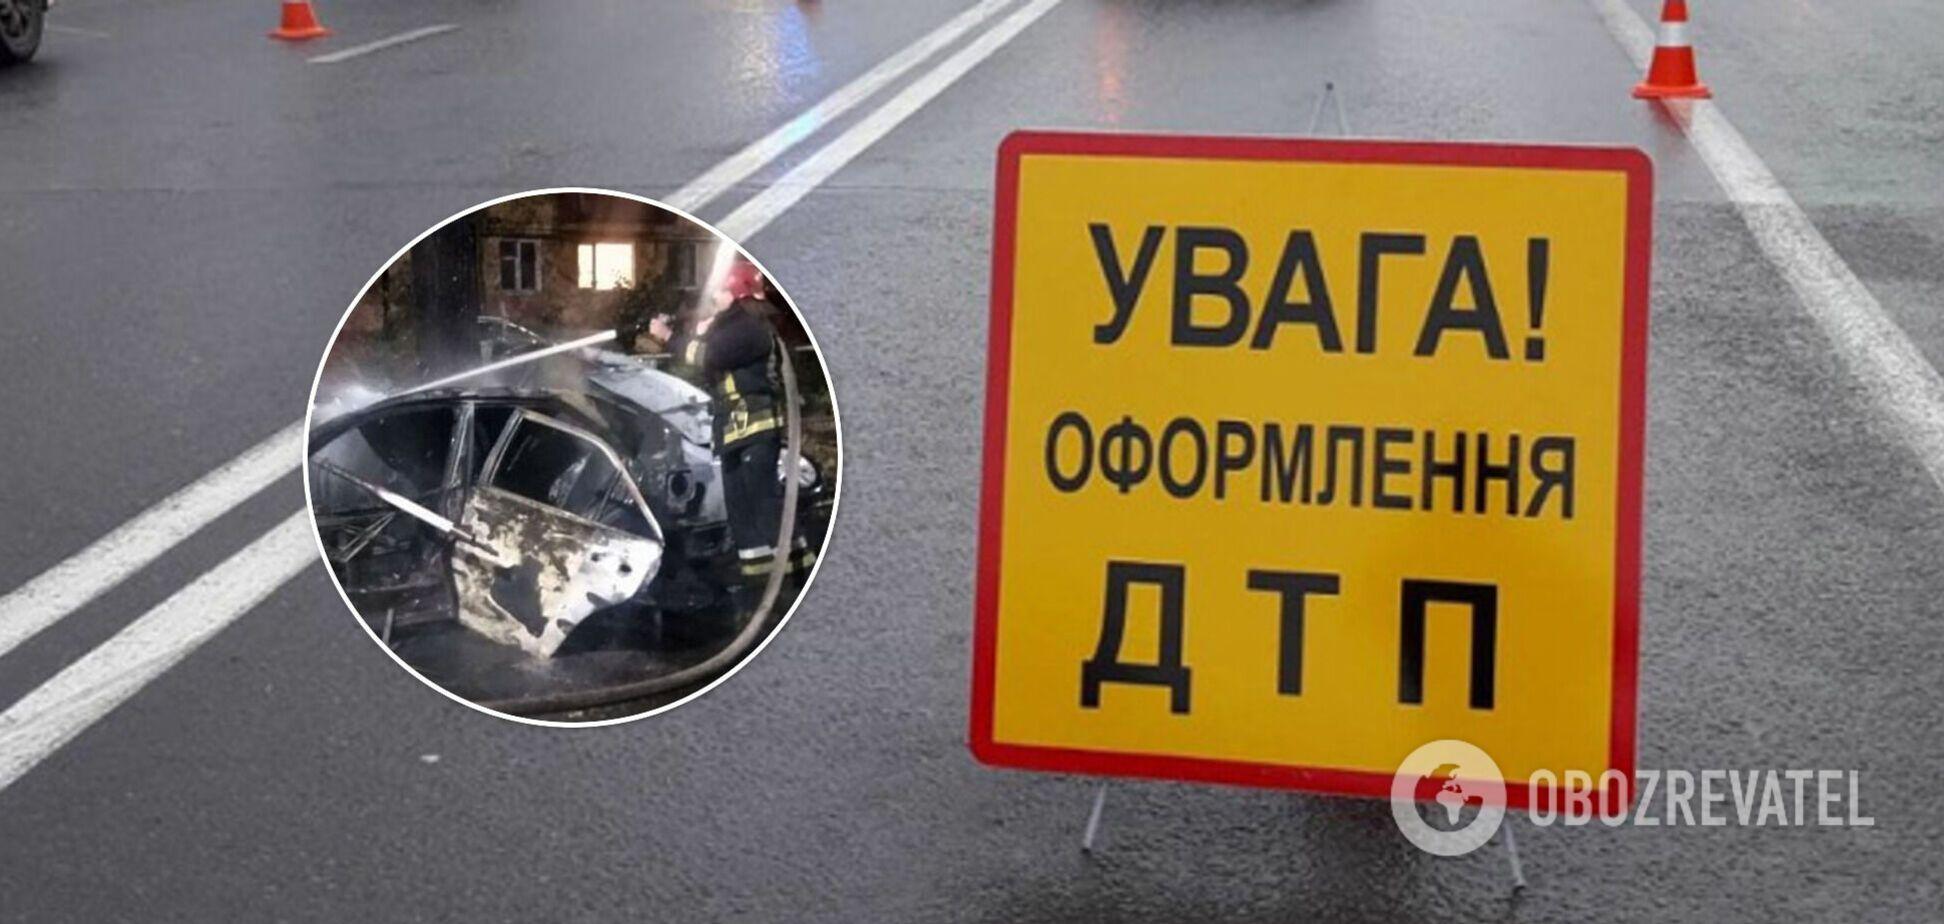 У Кривому Розі авто на швидкості влетіло в дерево та загорілося, загинула жінка. Фото